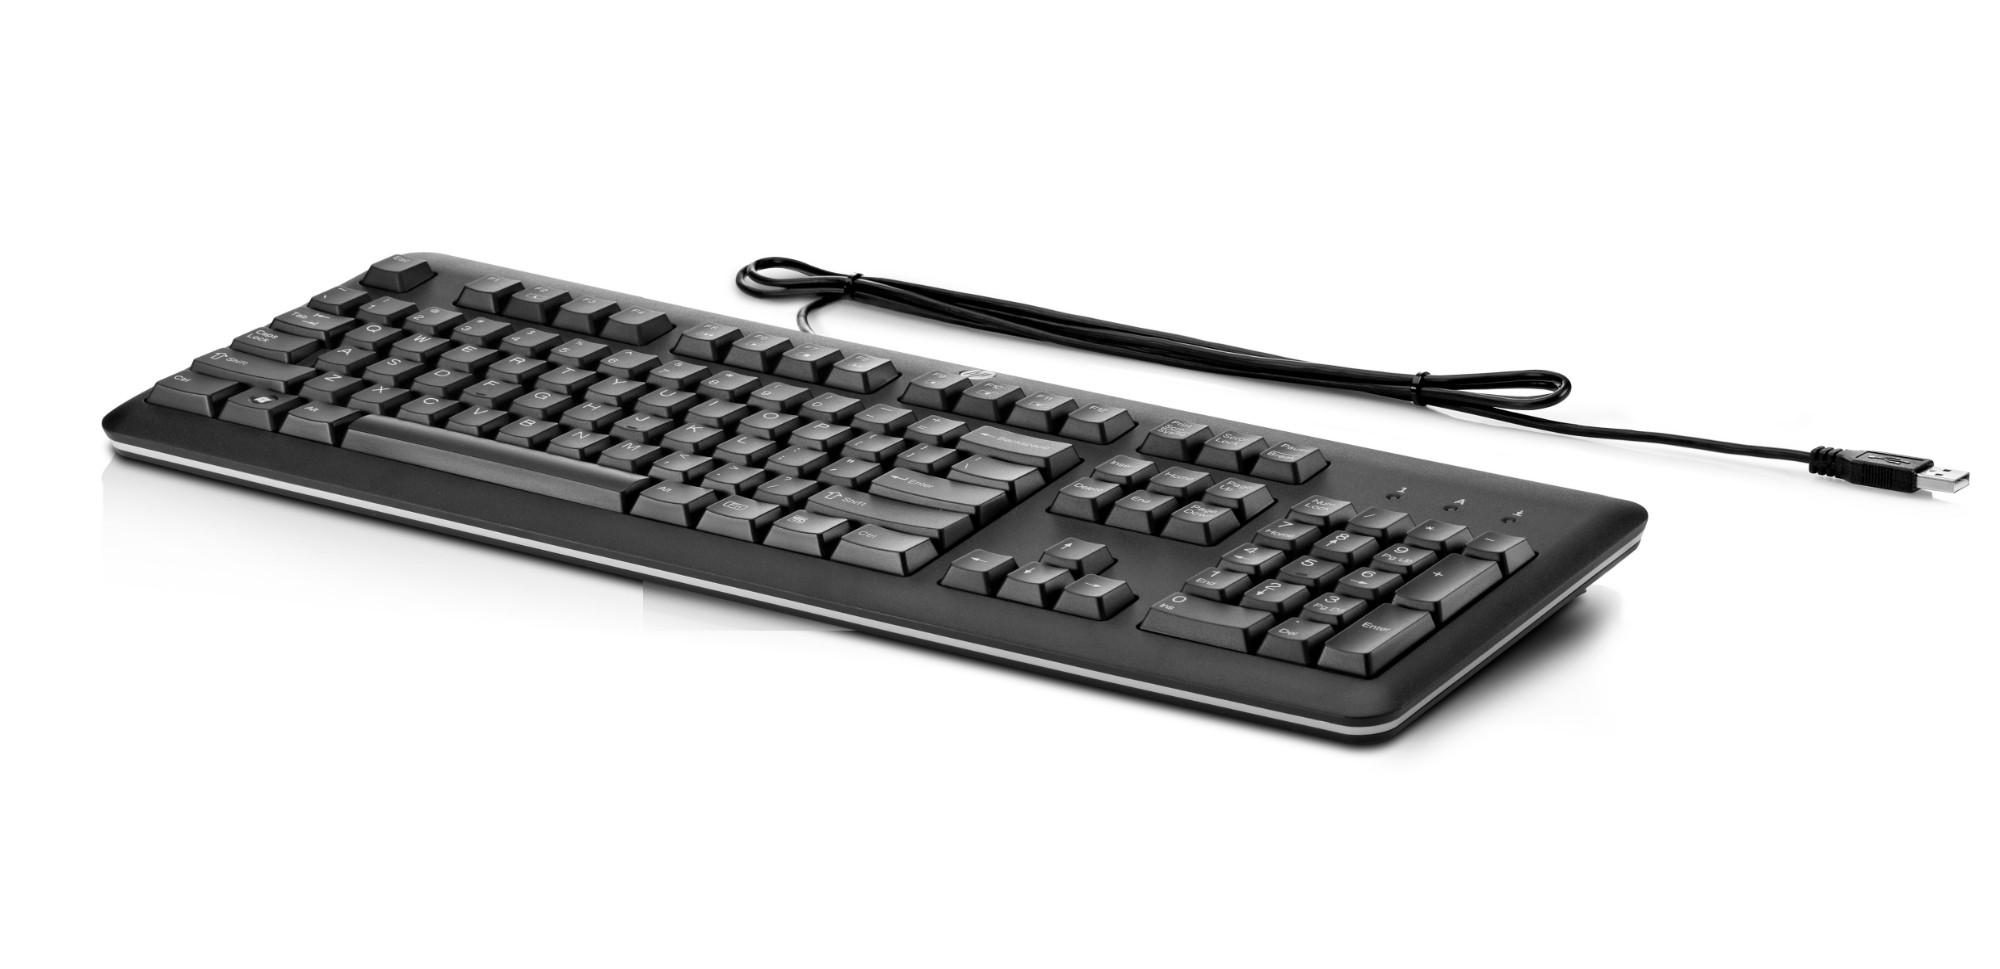 HP Teclado USB para PC